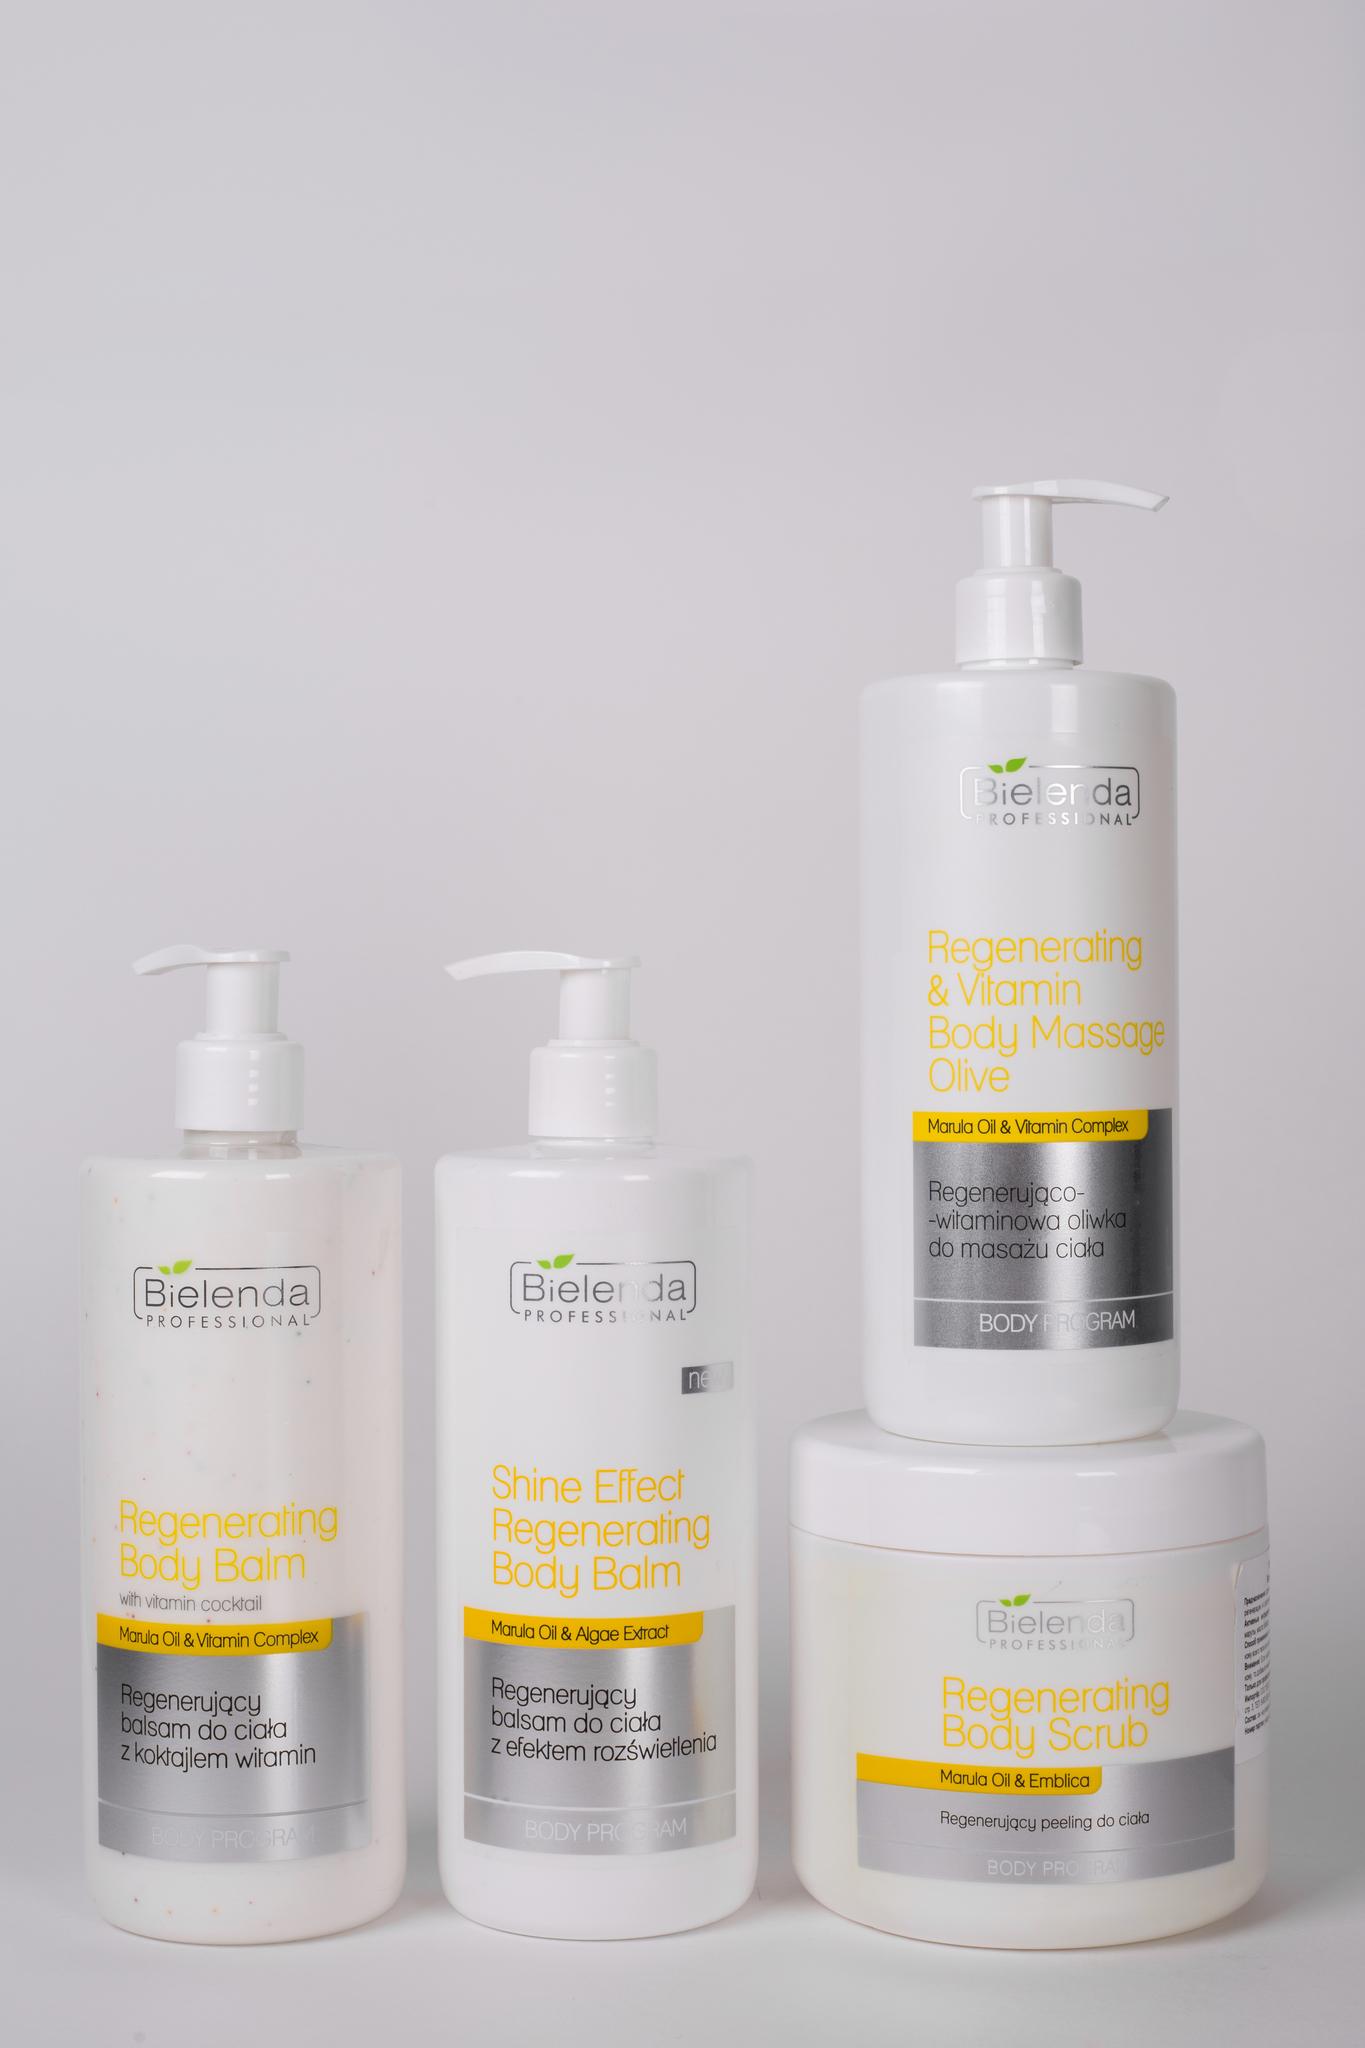 BODY TREATMENT Восстанавливающий бальзам для тела с эффектом осветления, 500 мл.